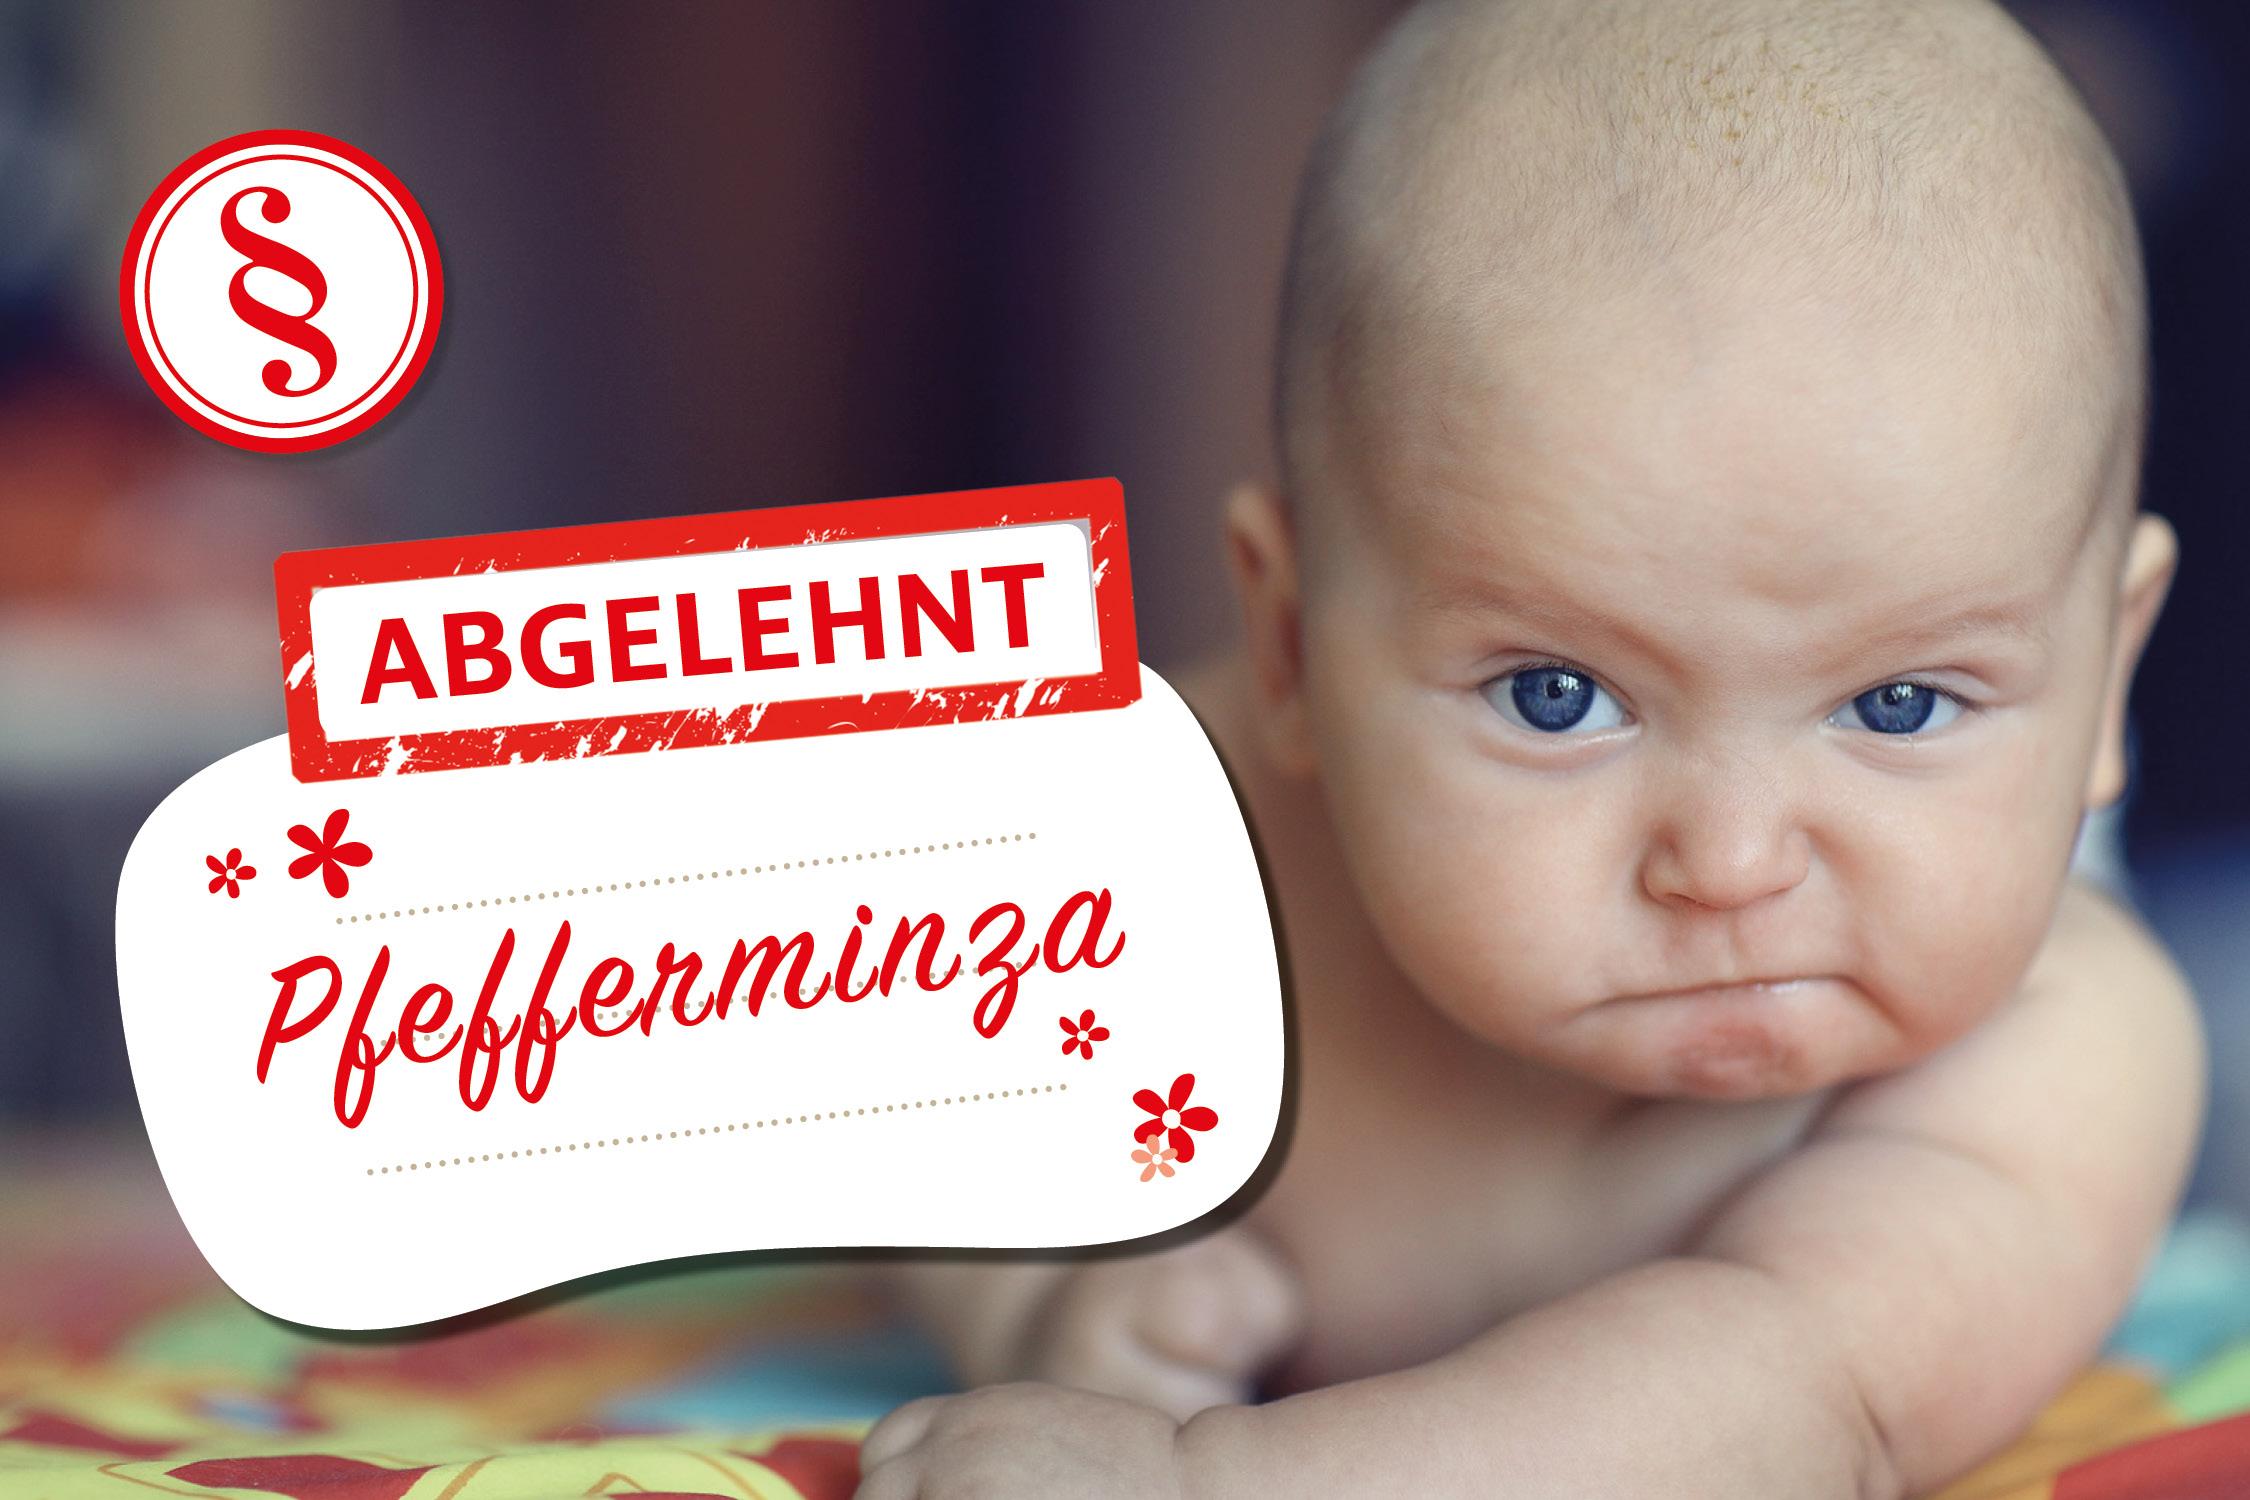 Vorname fürs Baby: Pfefferminza